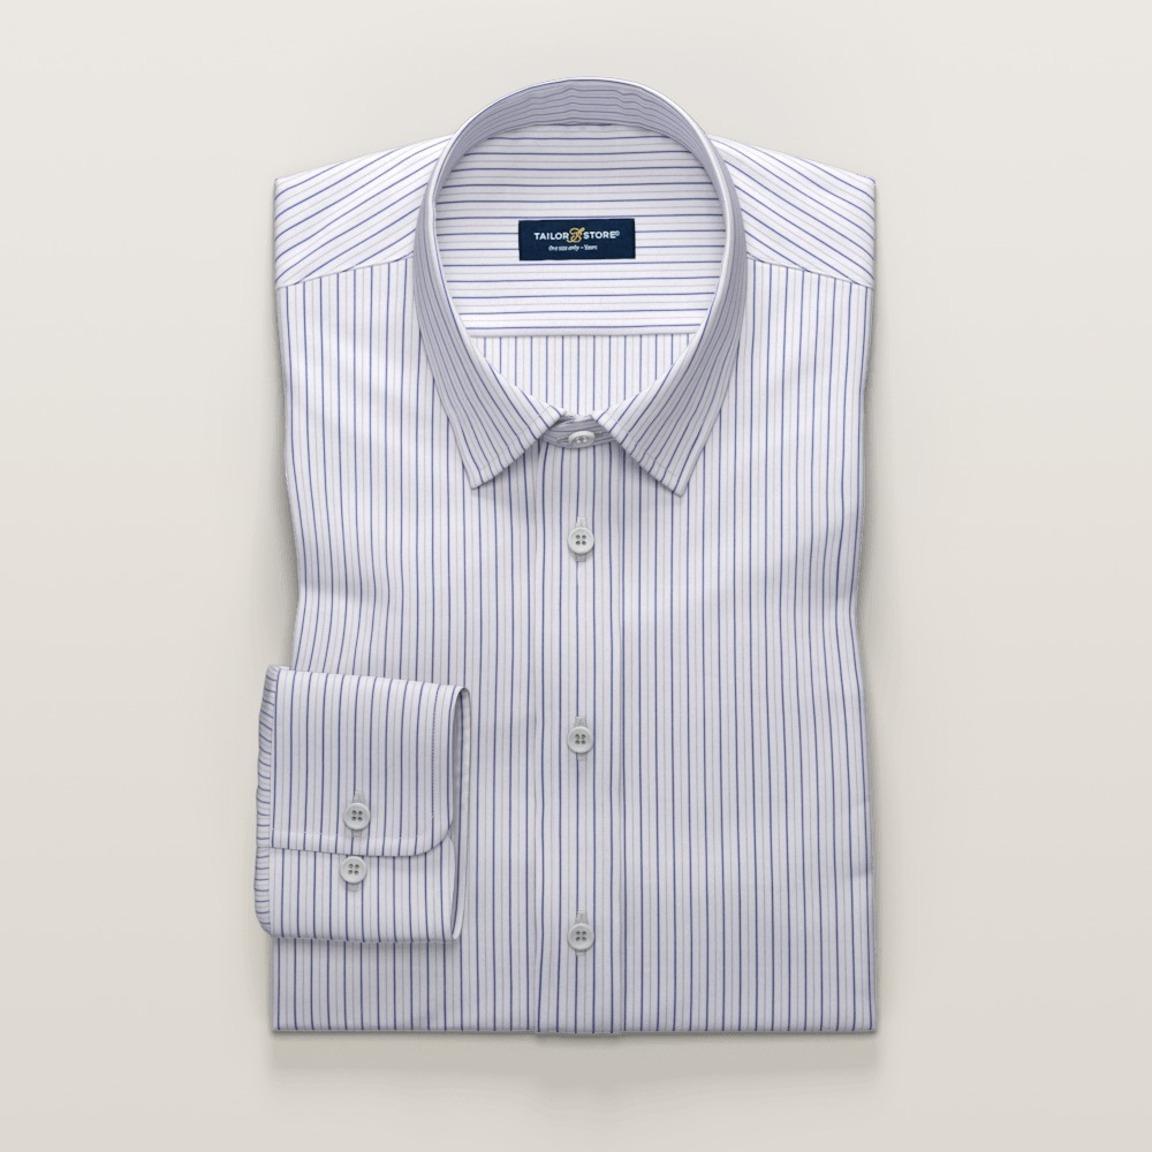 Trendig vit skjorta med blå ränder